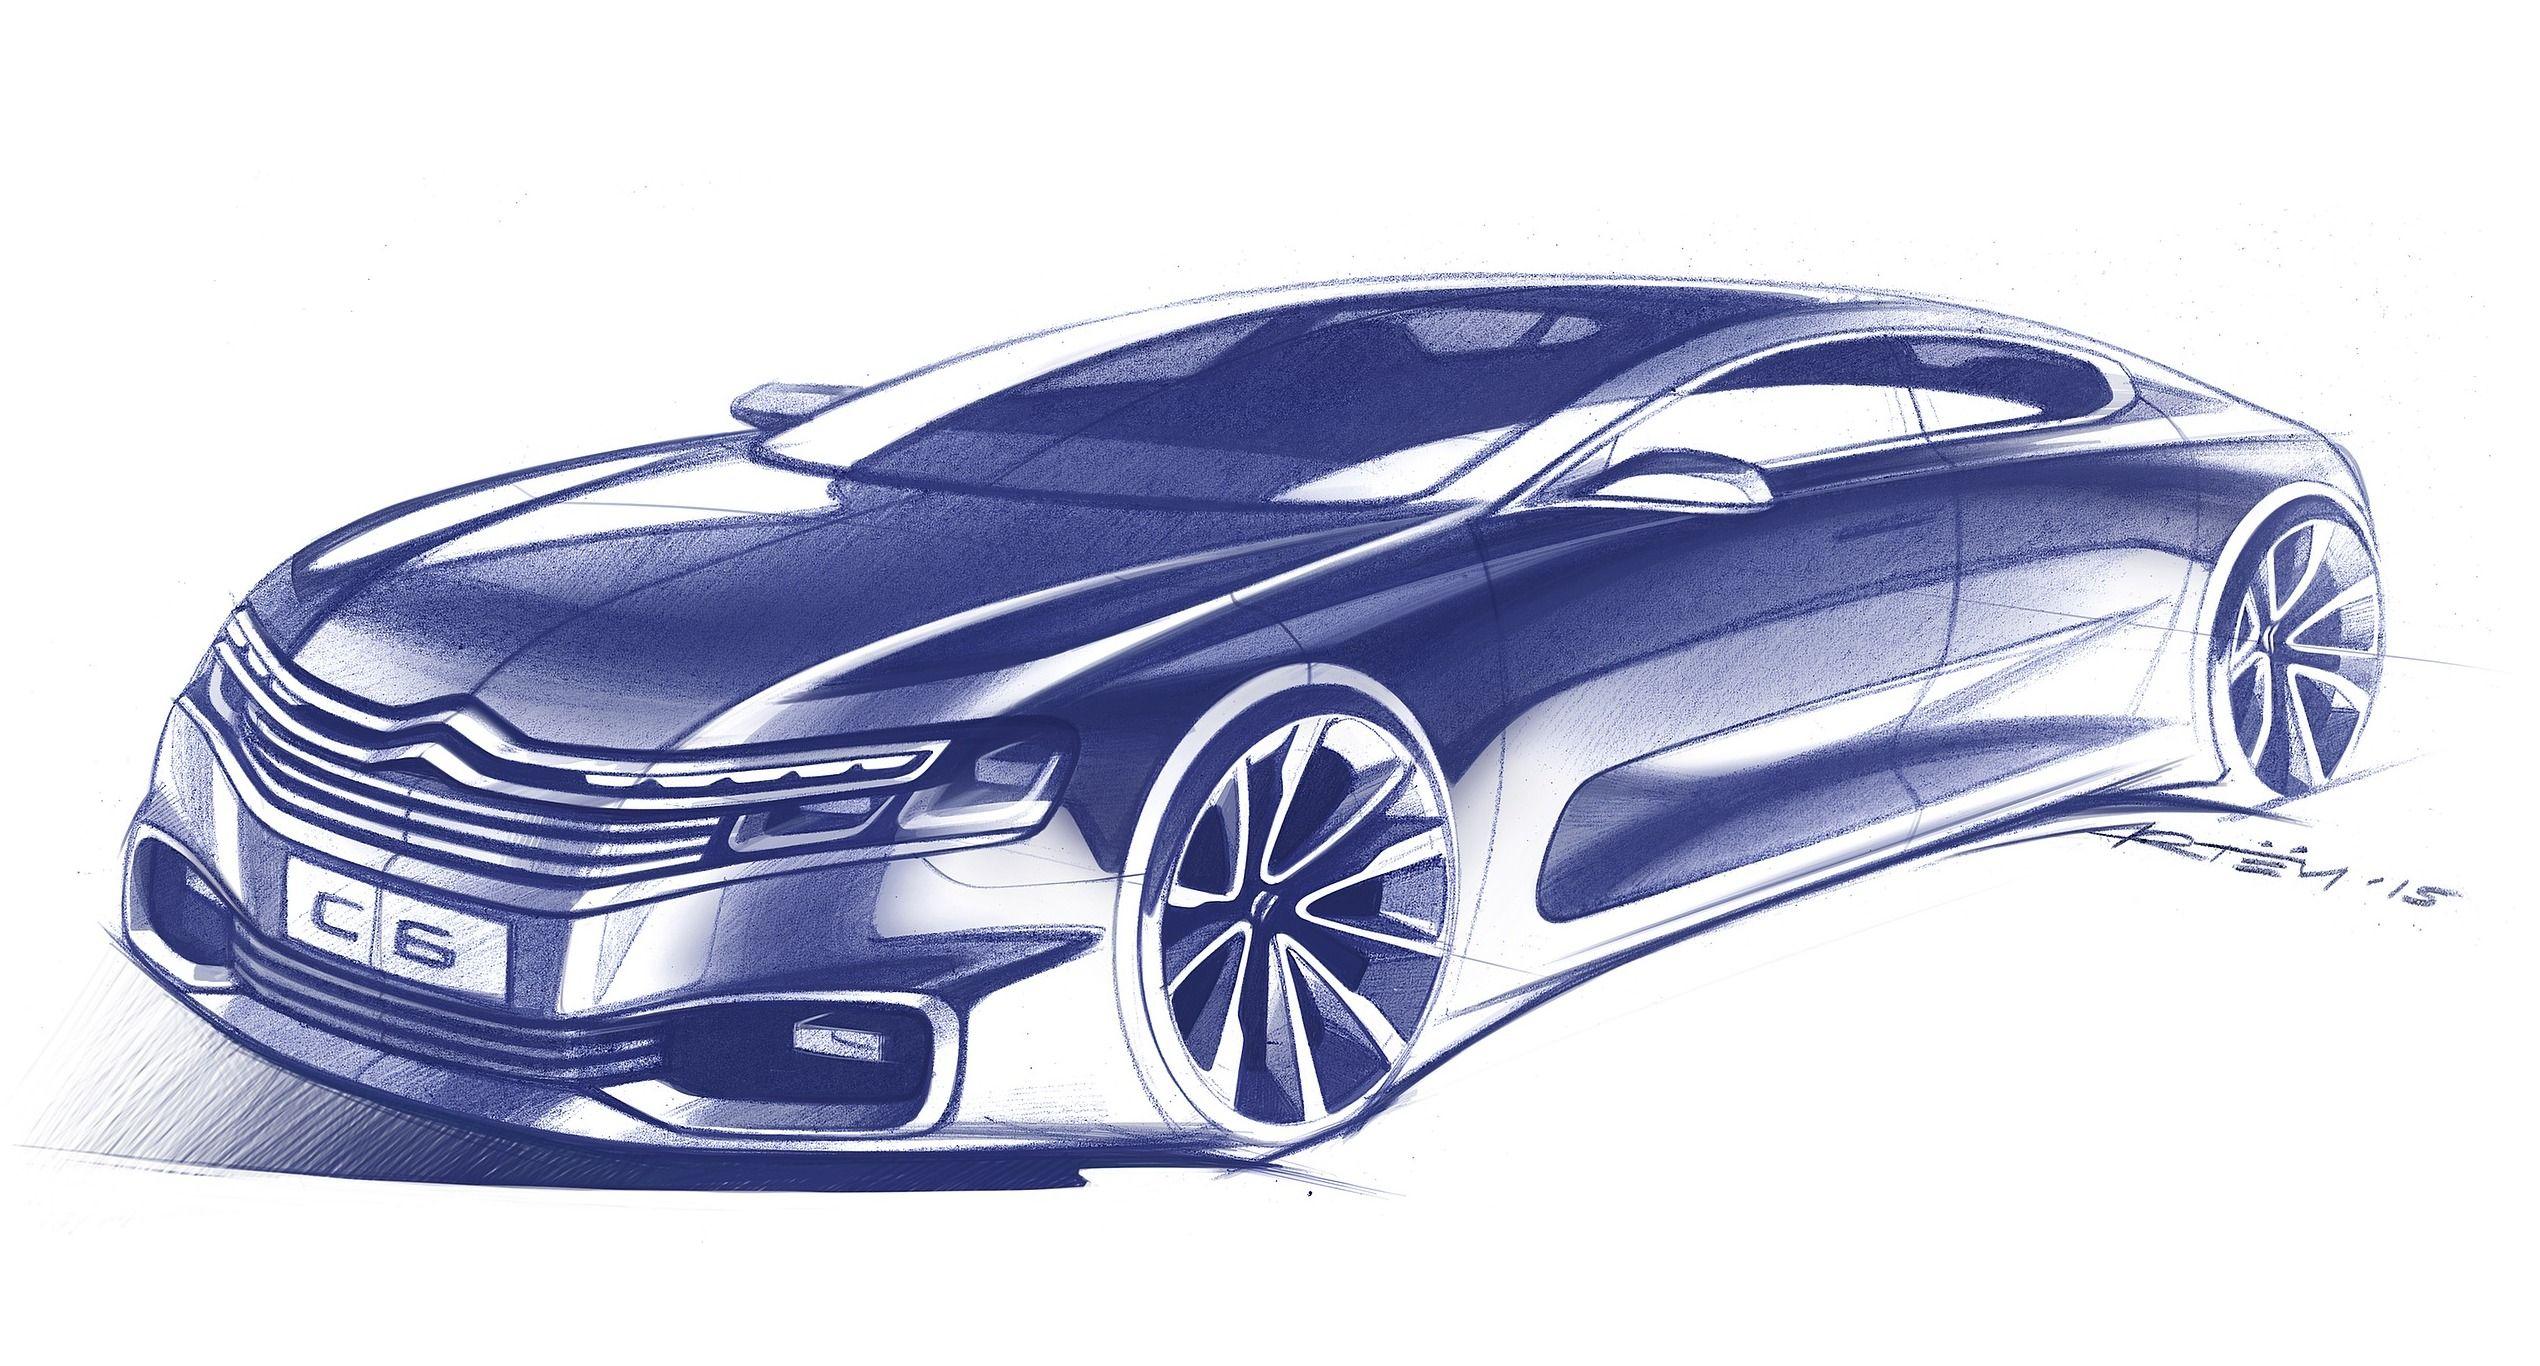 2017 citroen c6 design sketch pinterest car sketch. Black Bedroom Furniture Sets. Home Design Ideas